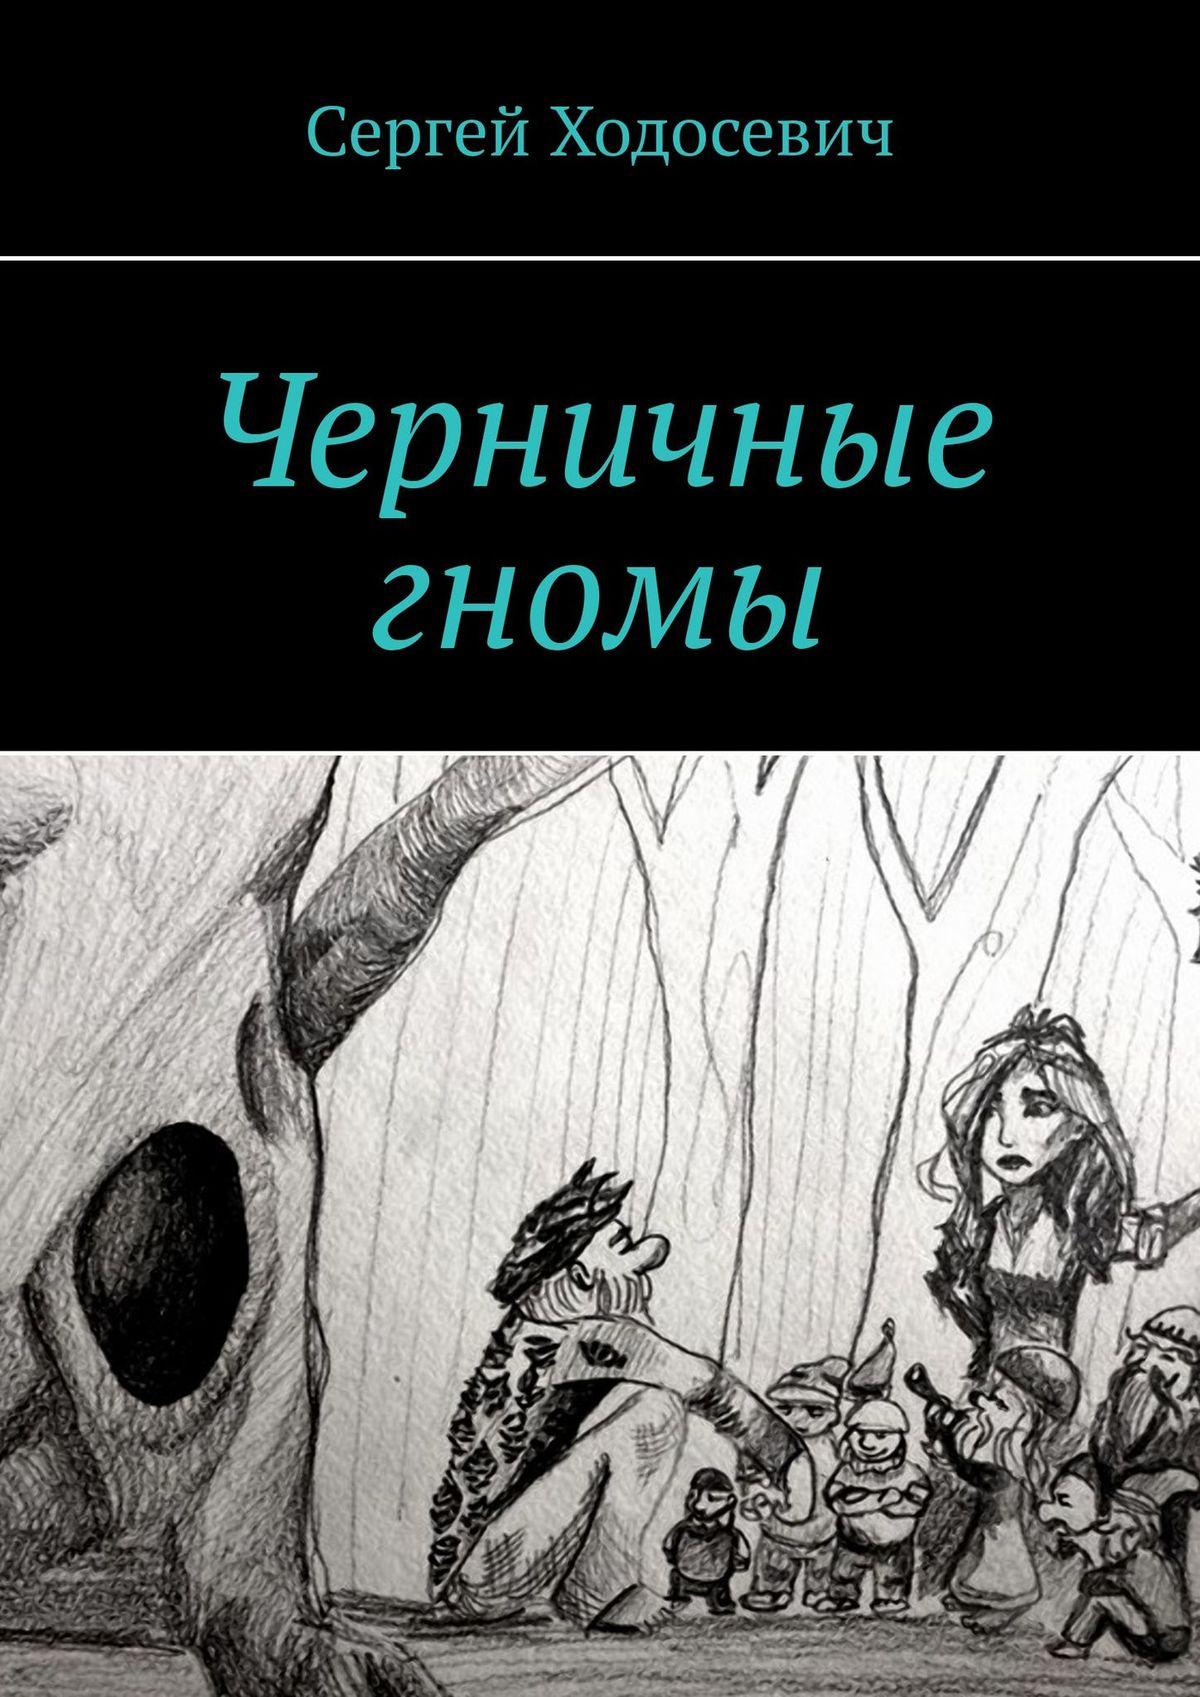 Сергей Ходосевич Черничные гномы необычайные приключения красной шапочки 2018 10 07t12 00